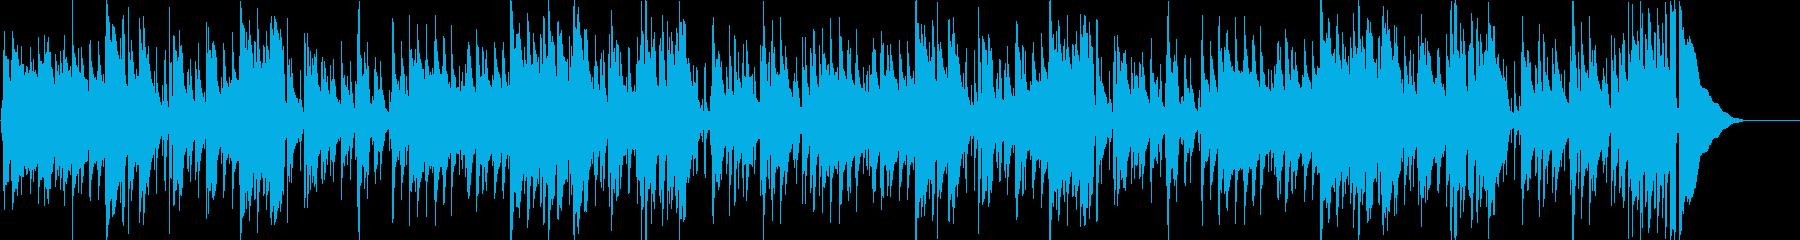 日常シーンに合うスタンダートなブルースの再生済みの波形